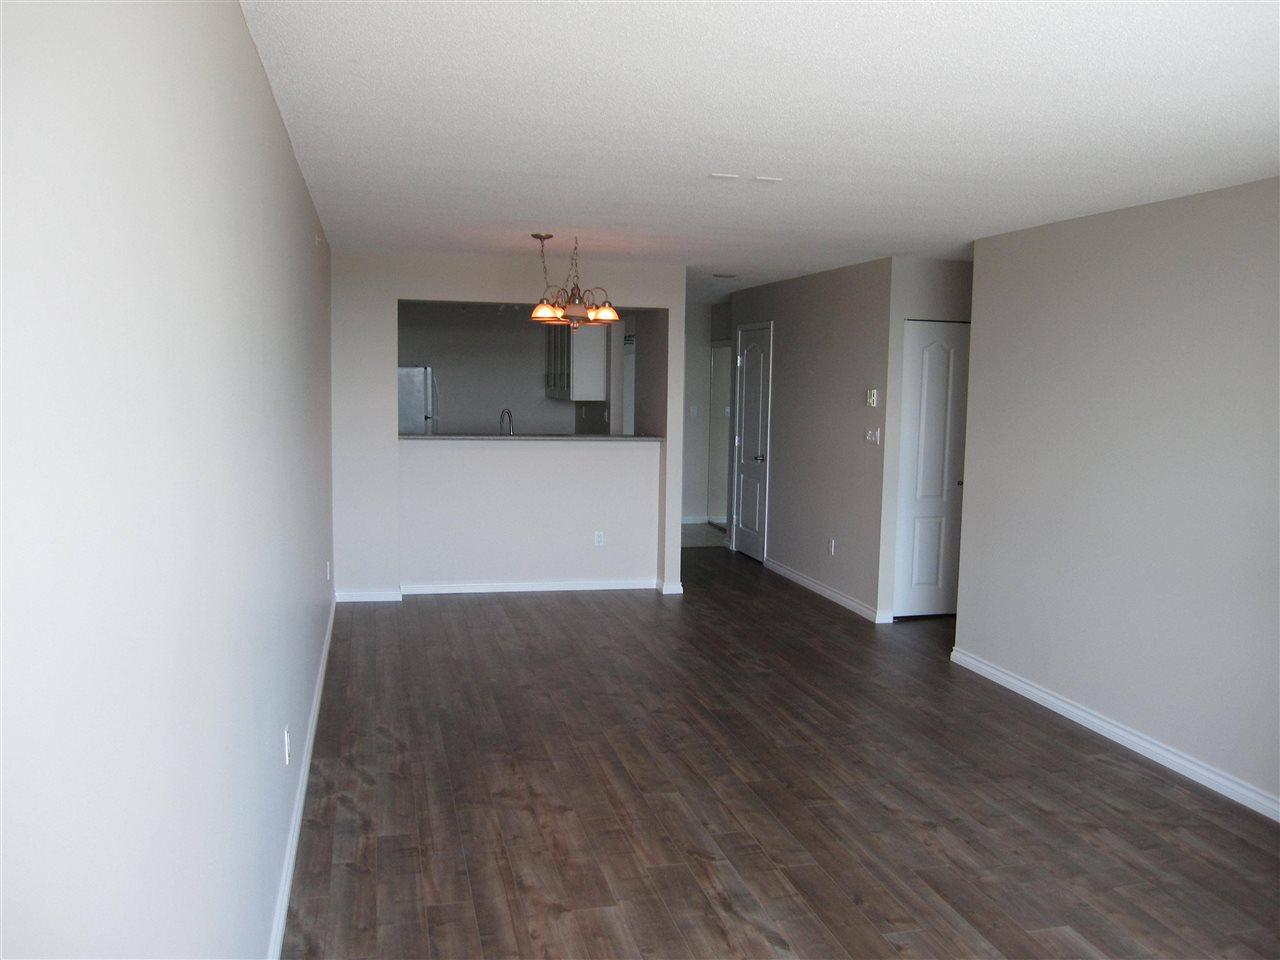 Condo Apartment at 903 12148 224 STREET, Unit 903, Maple Ridge, British Columbia. Image 8